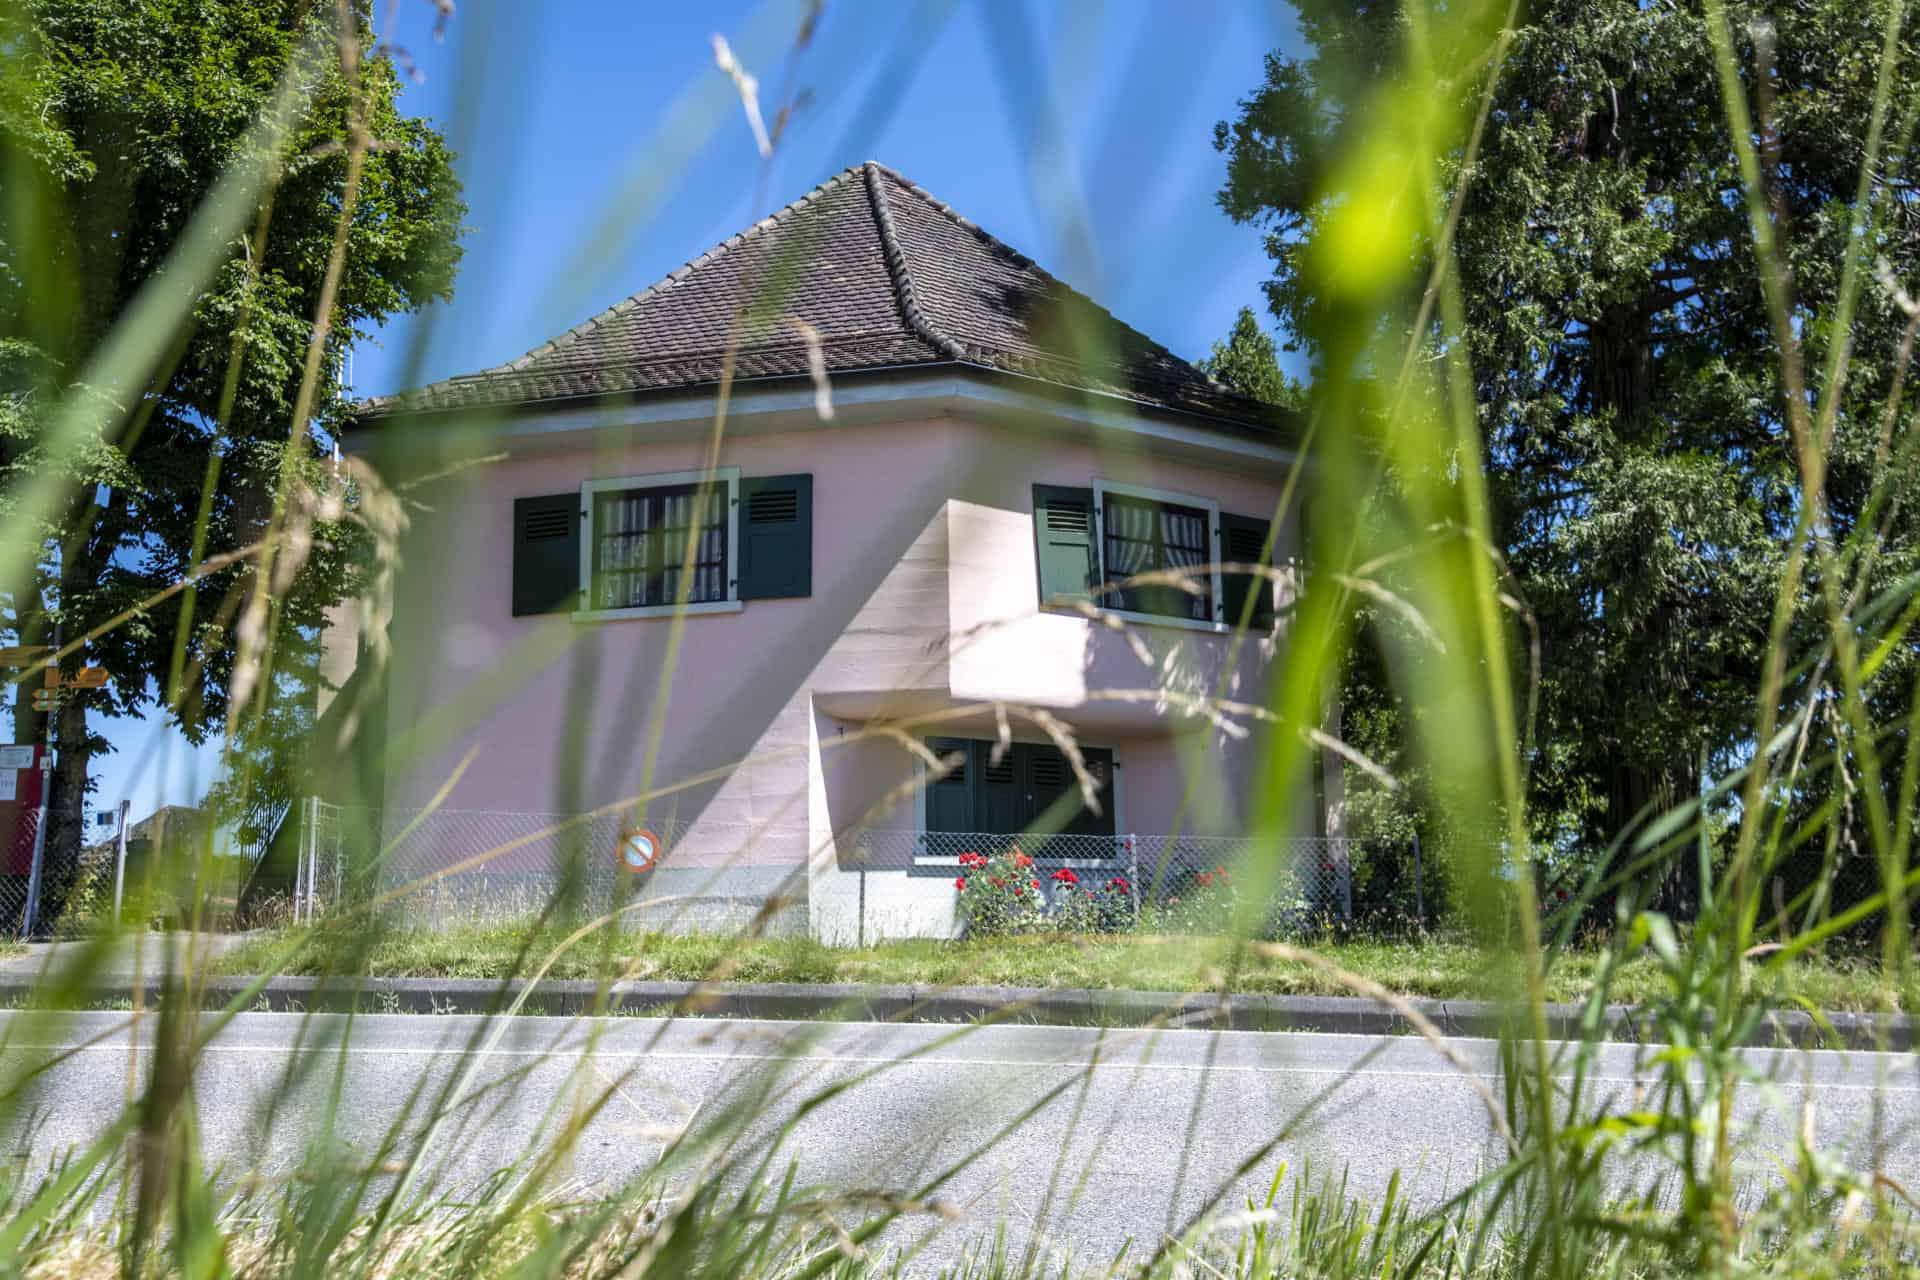 Au bord de la route Suisse entre Gland et Prangins, à deux pas du Golfe Impérial, la Villa Rose a l'air d'une maison comme les autres... — © Darrin Vanselow pour Le Temps